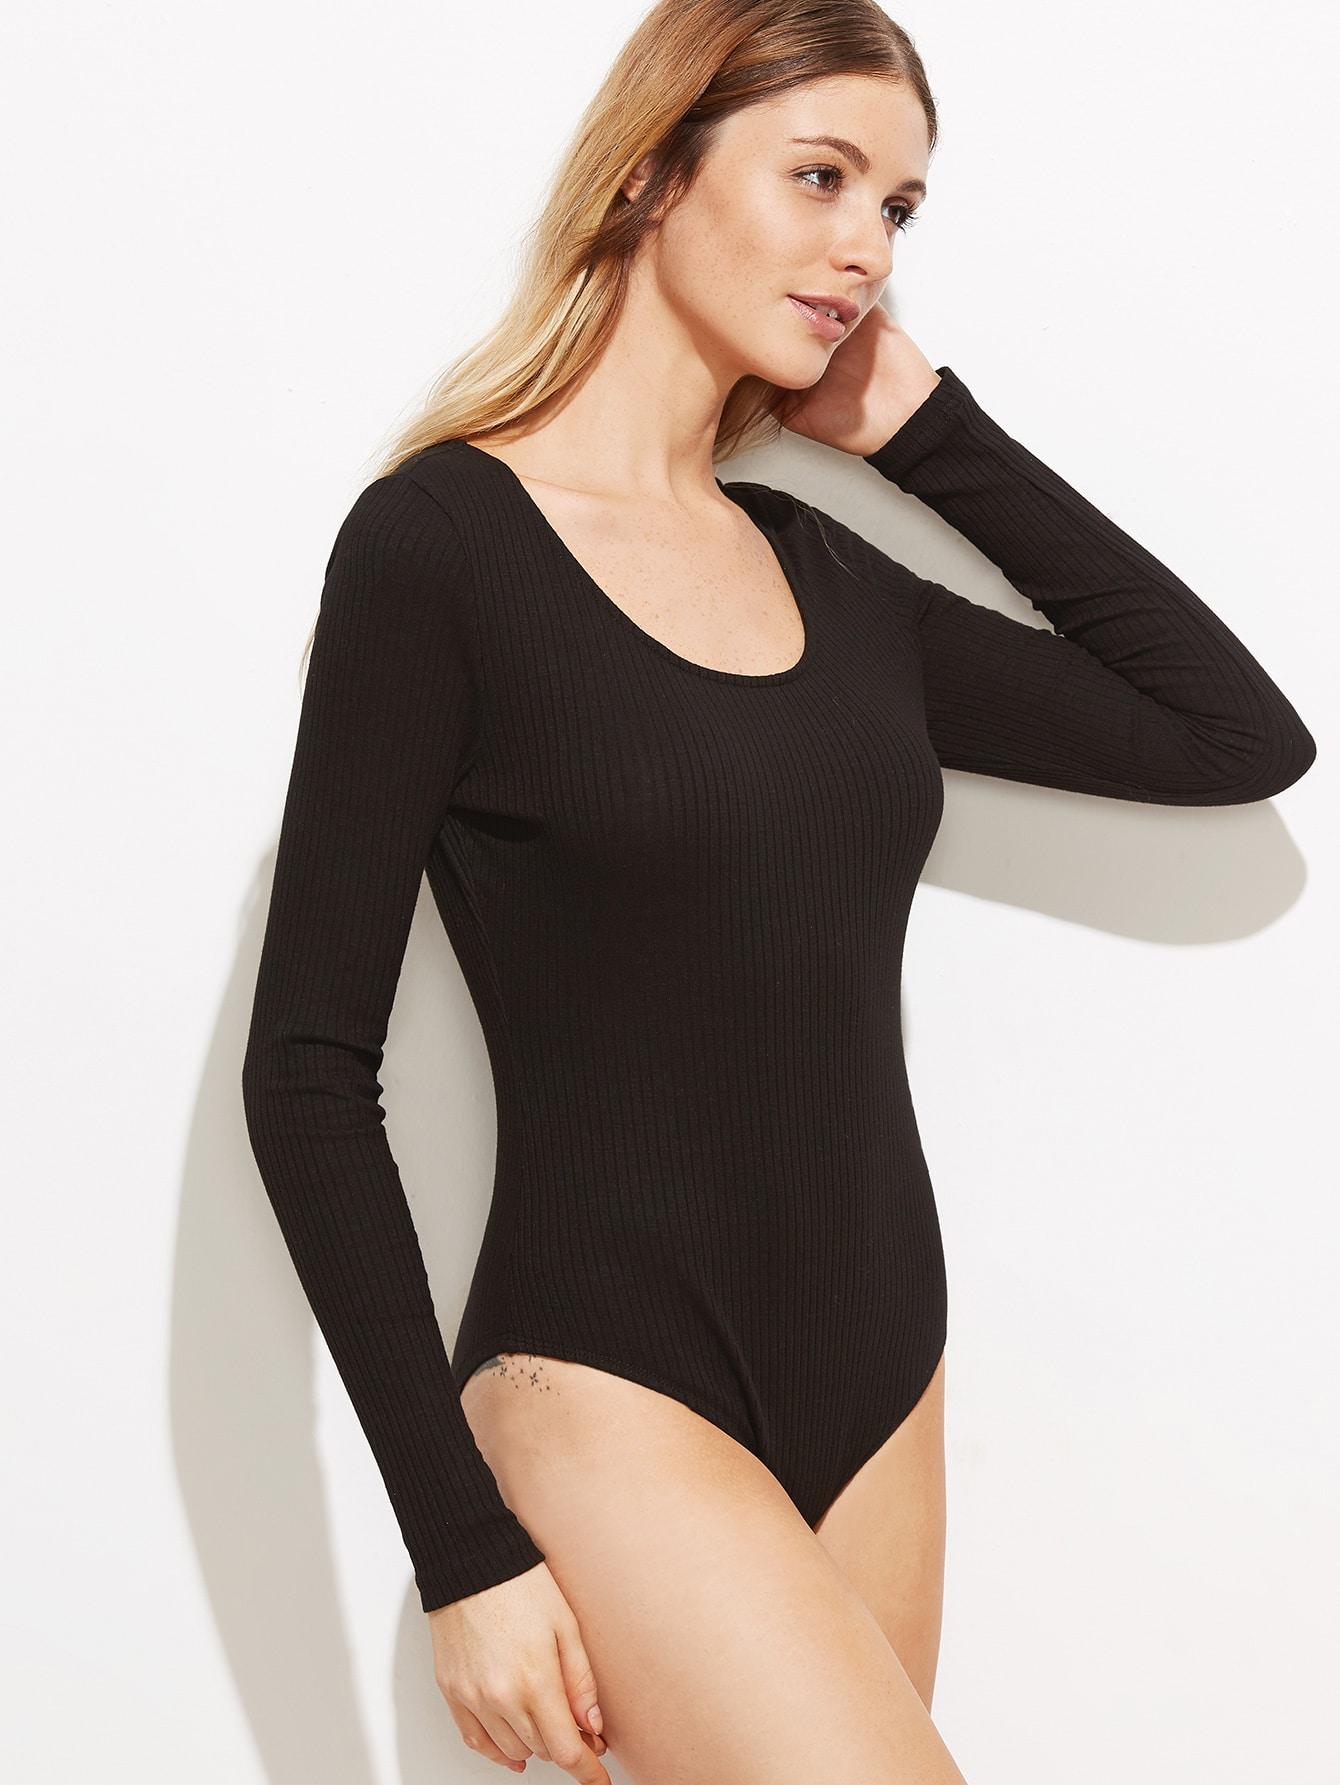 bodysuit161031701_2